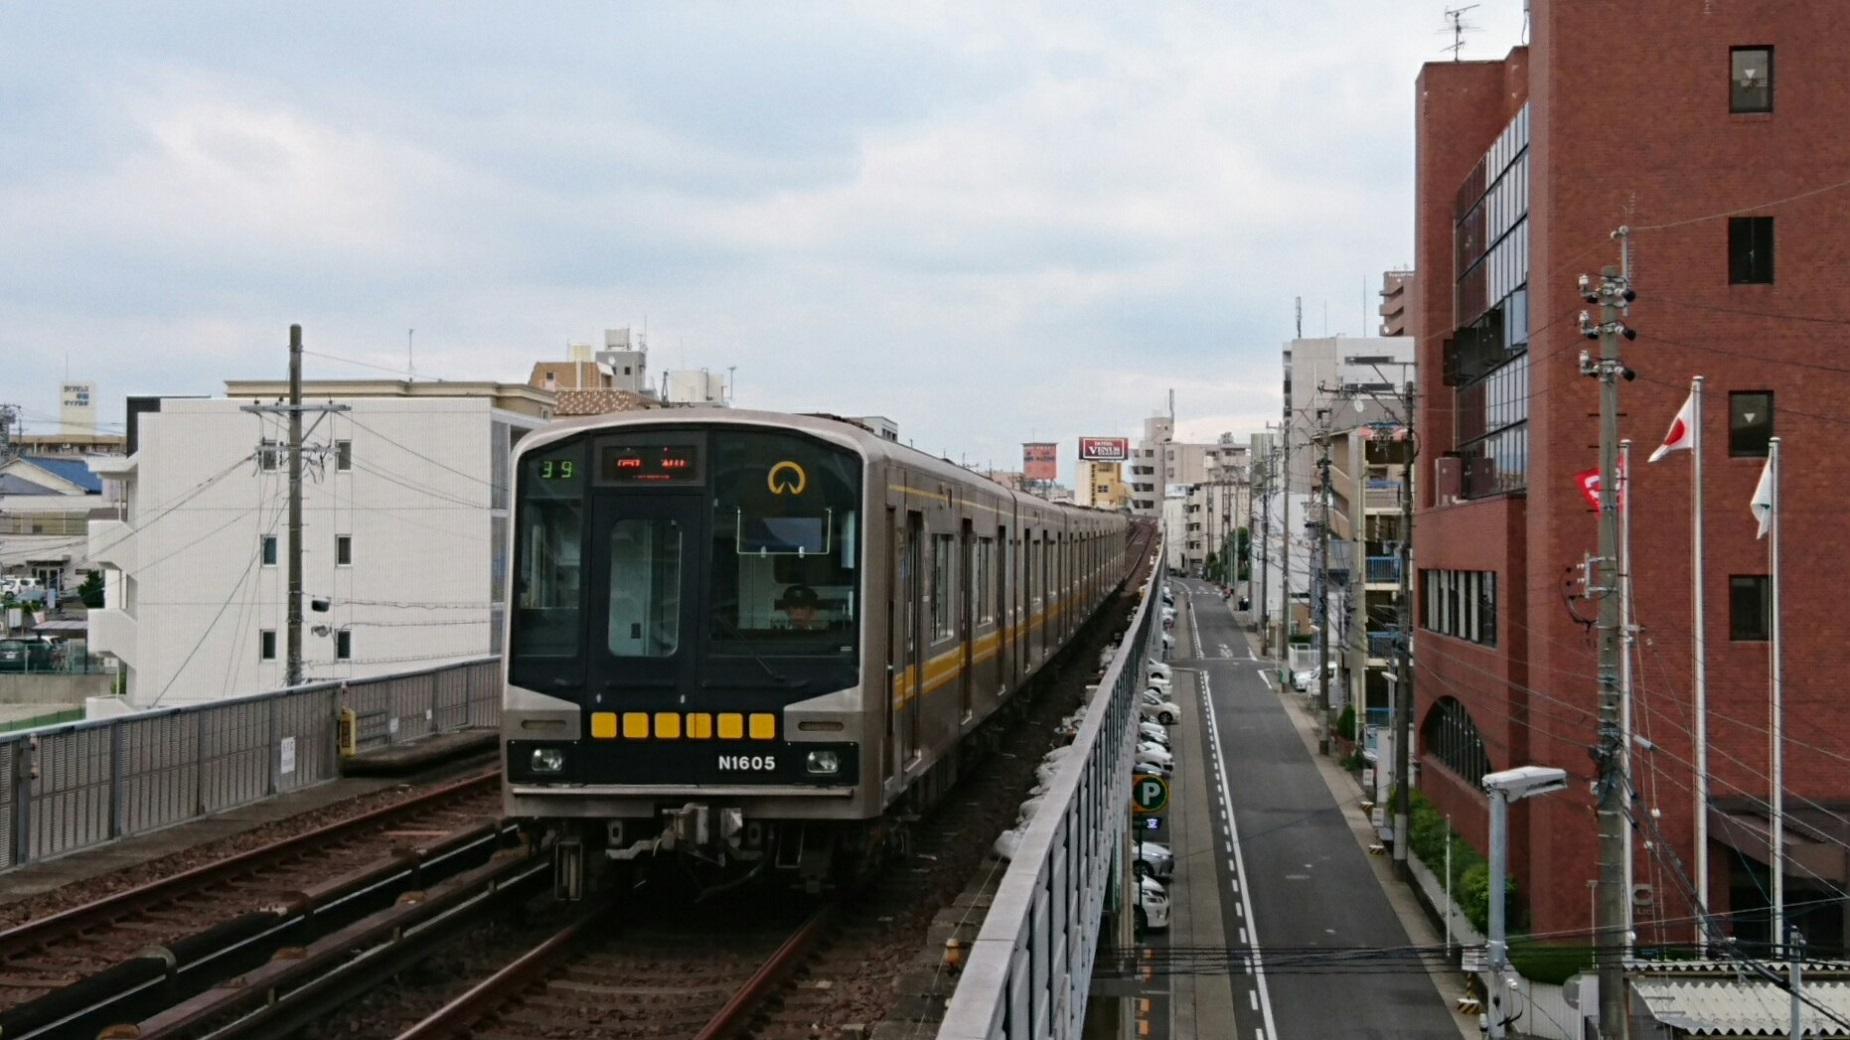 2018.8.20 (5) 本郷 - 高畑いき 1850-1040